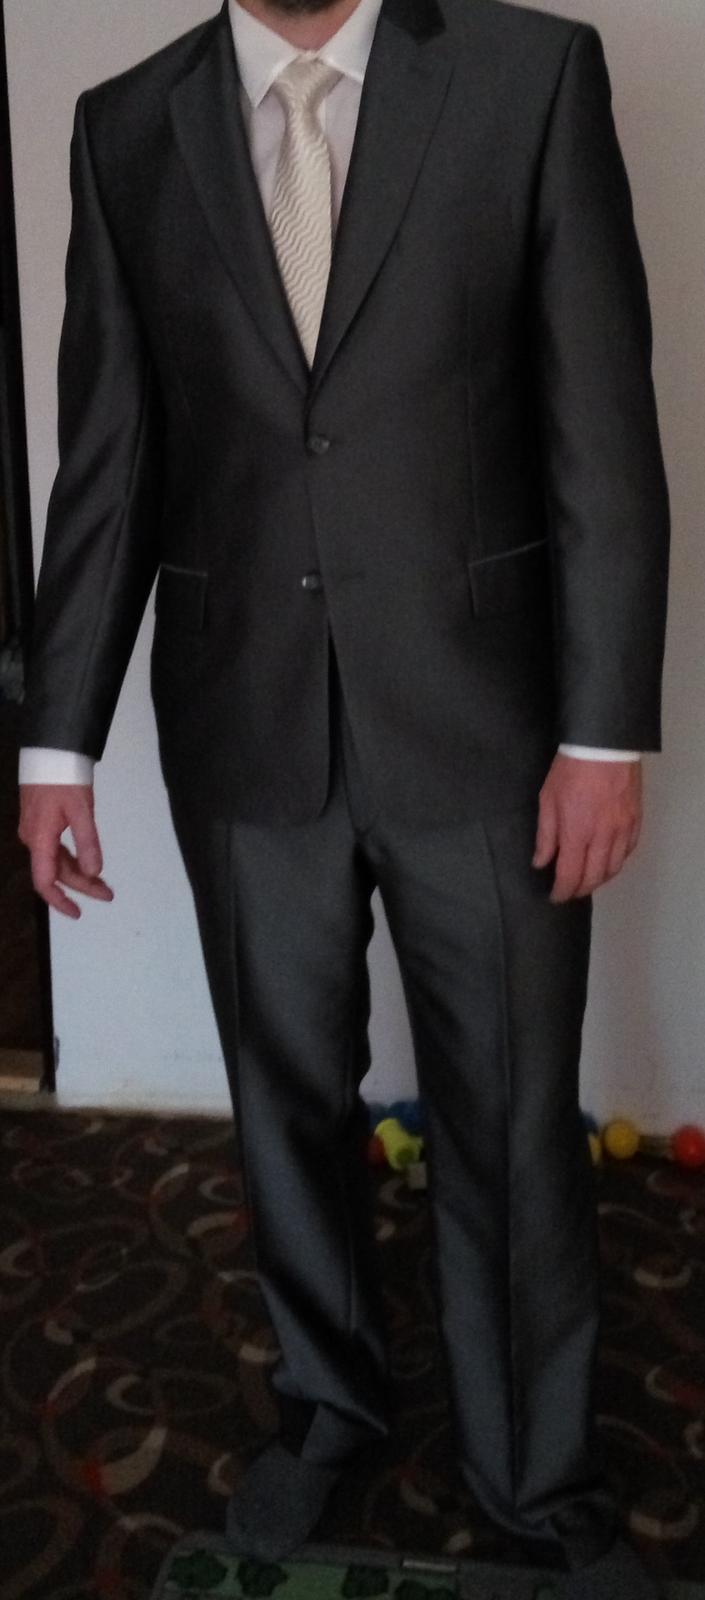 pánský oblek - Obrázek č. 1